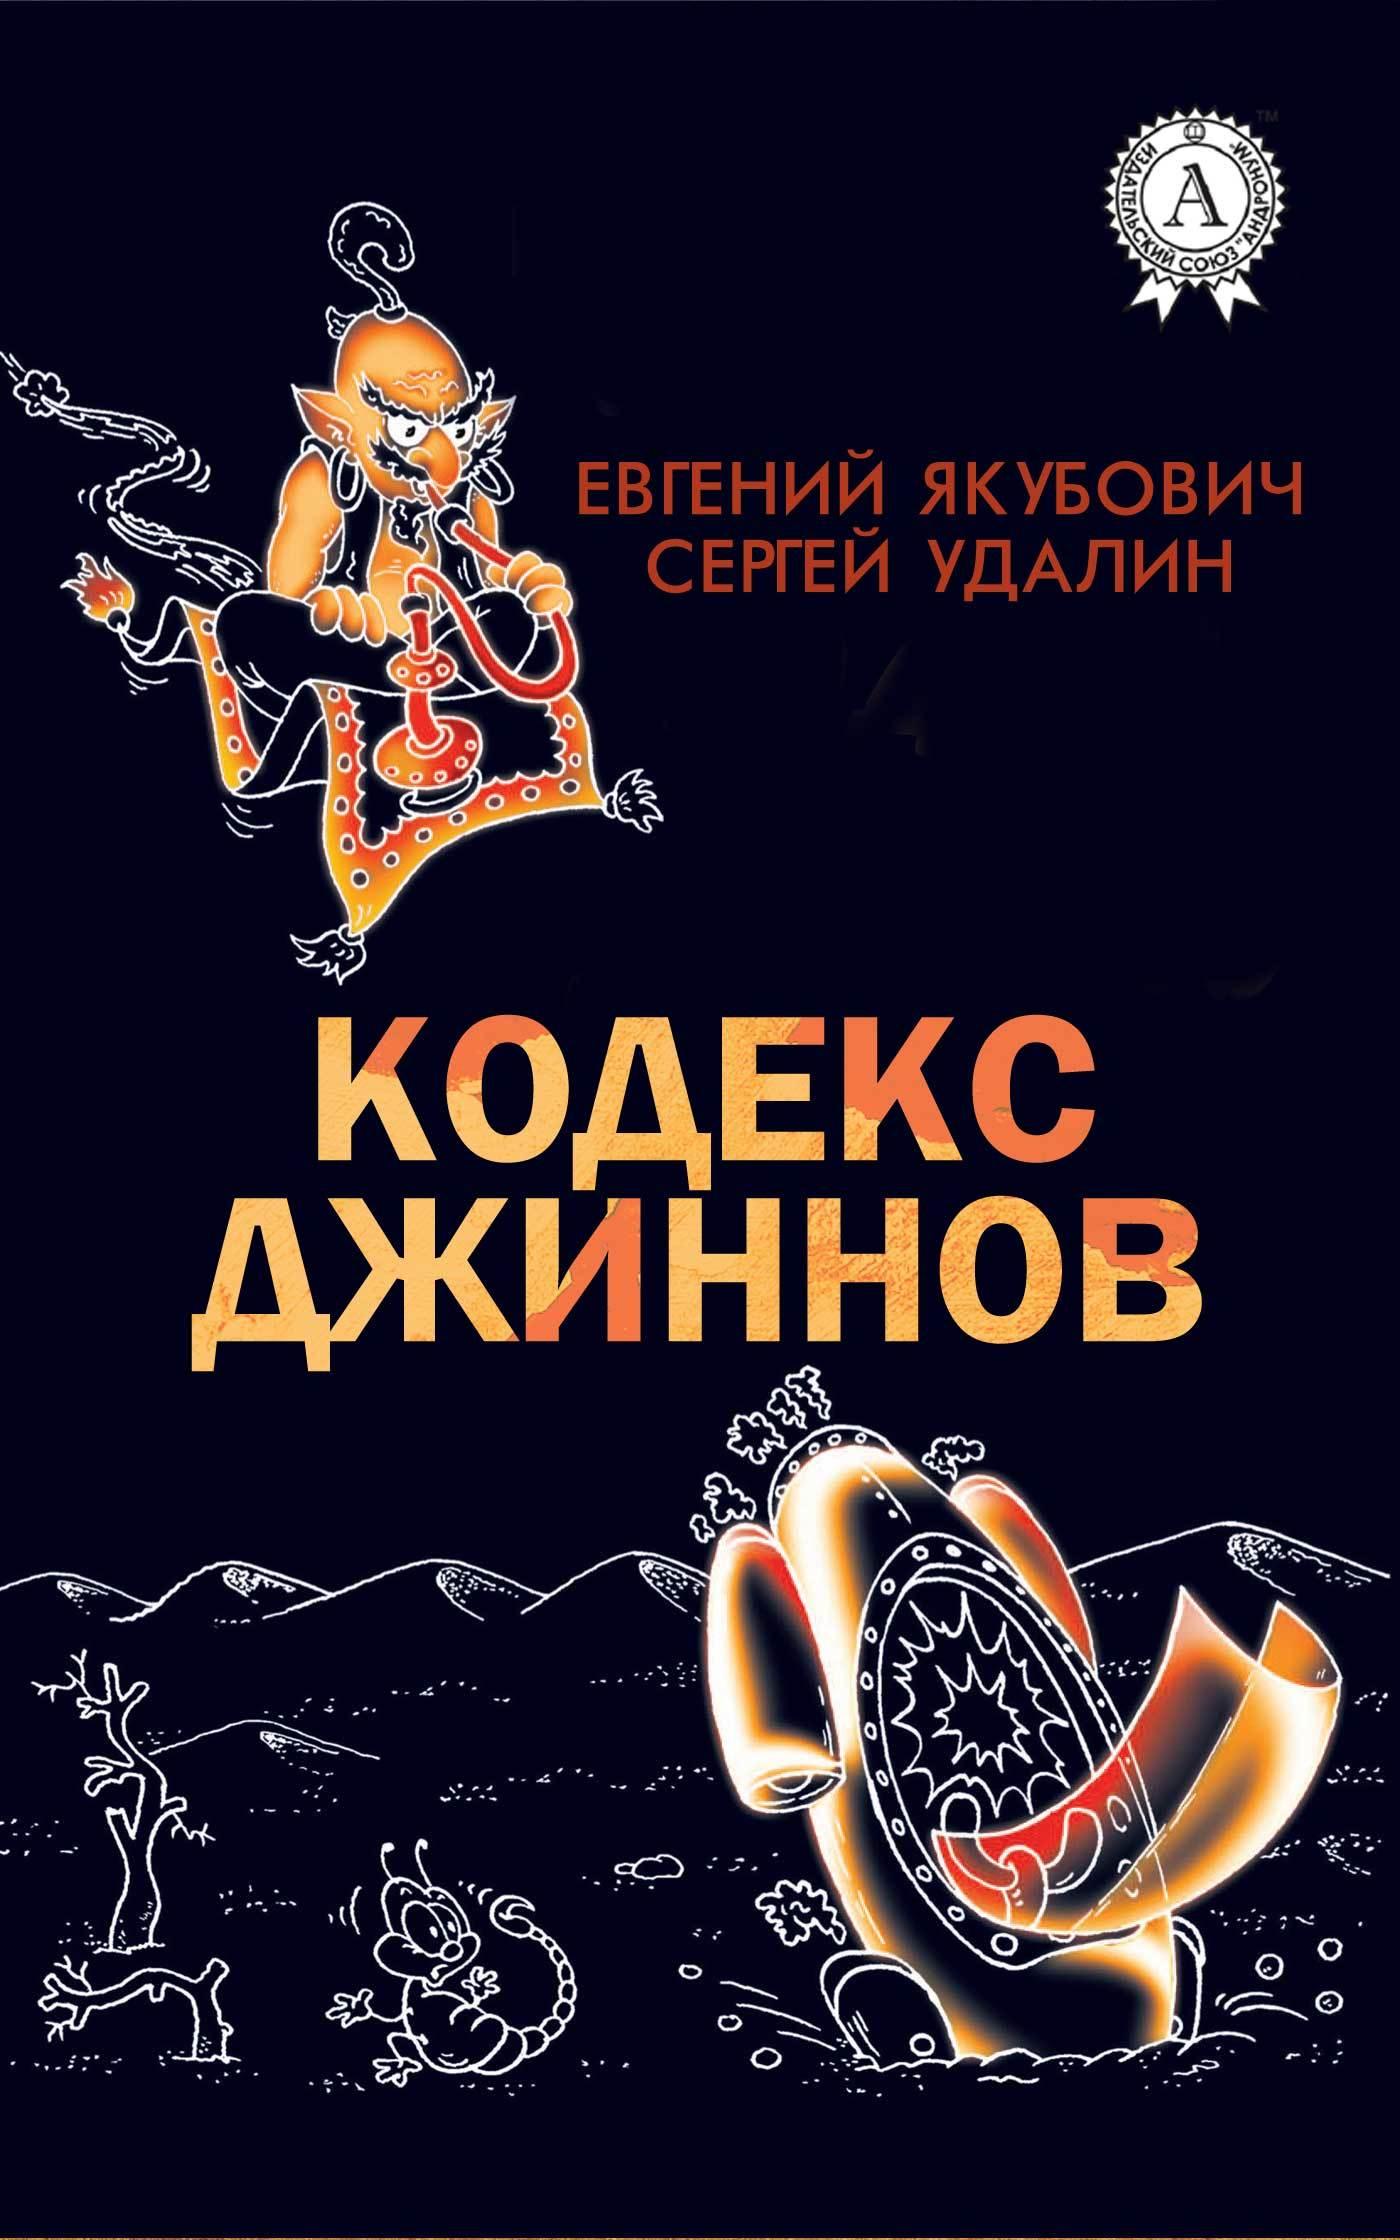 Сергей Удалин Кодекс джиннов ночкин в земля павшего